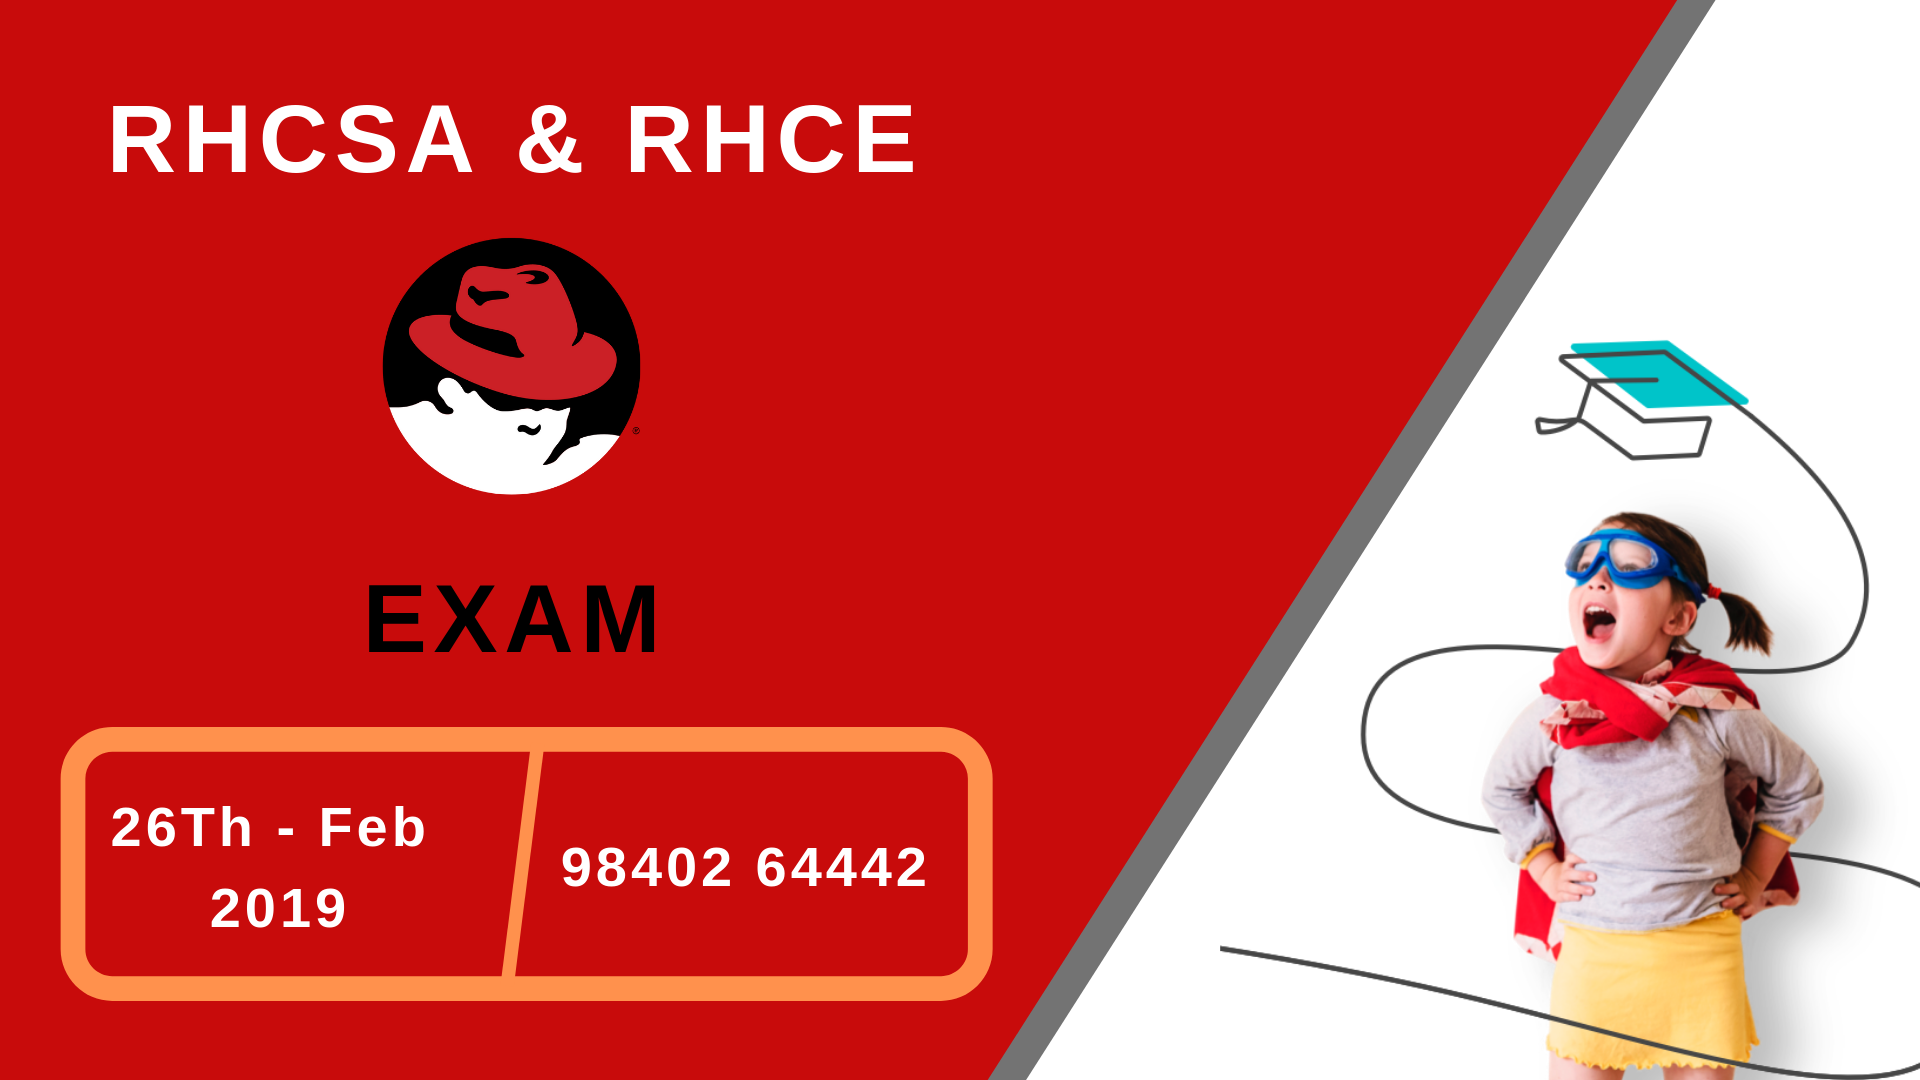 Rhcsa Exam Fee